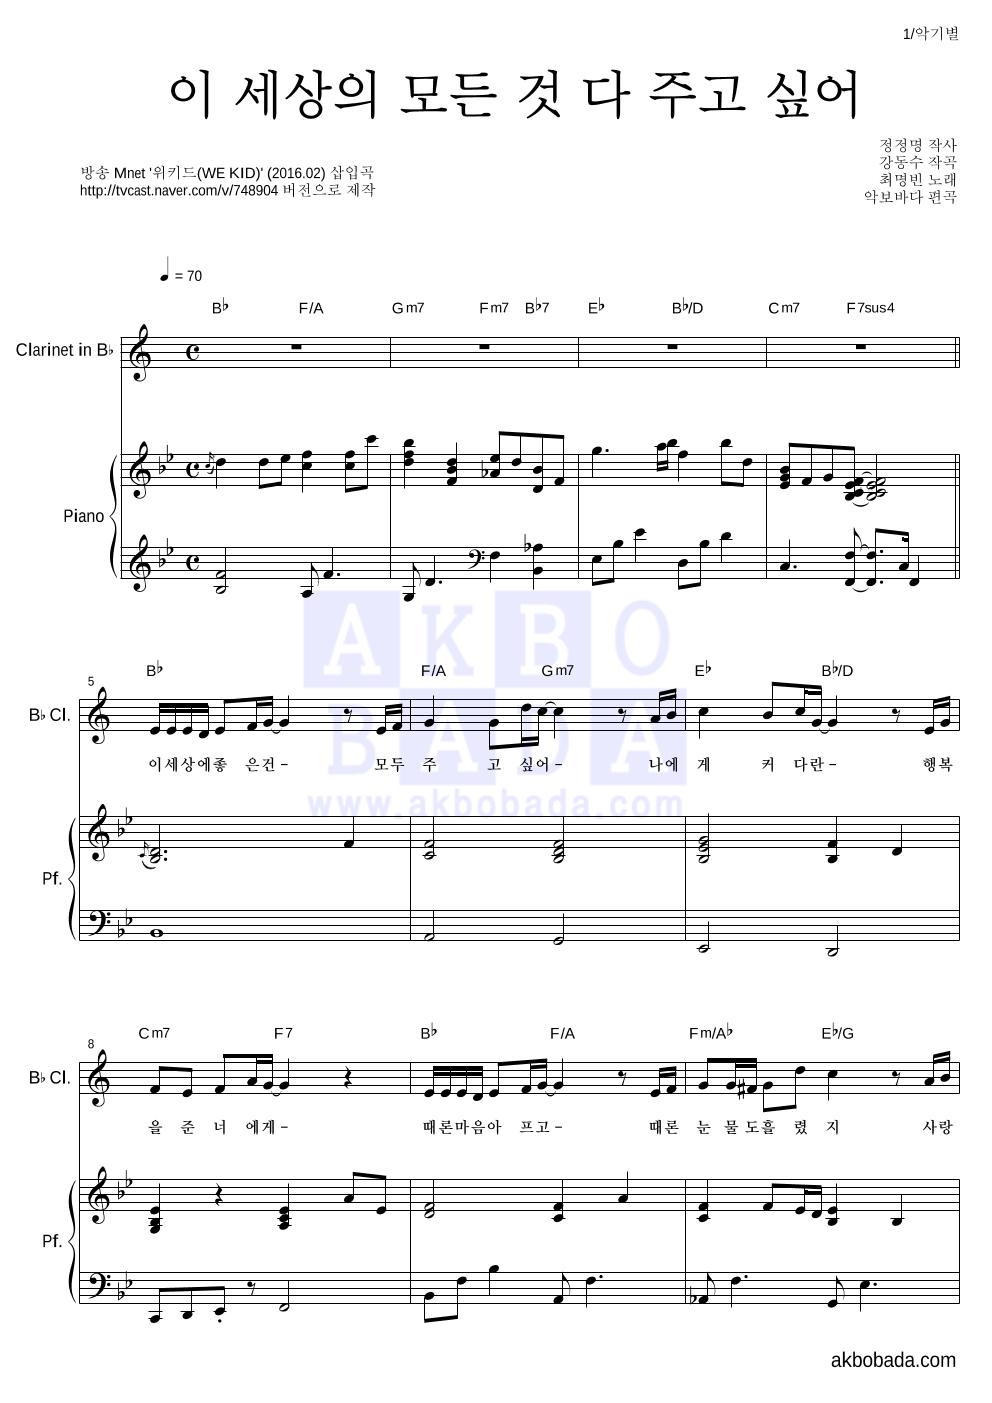 최영빈 - 이 세상의 모든 것 다 주고 싶어 클라리넷&피아노 악보